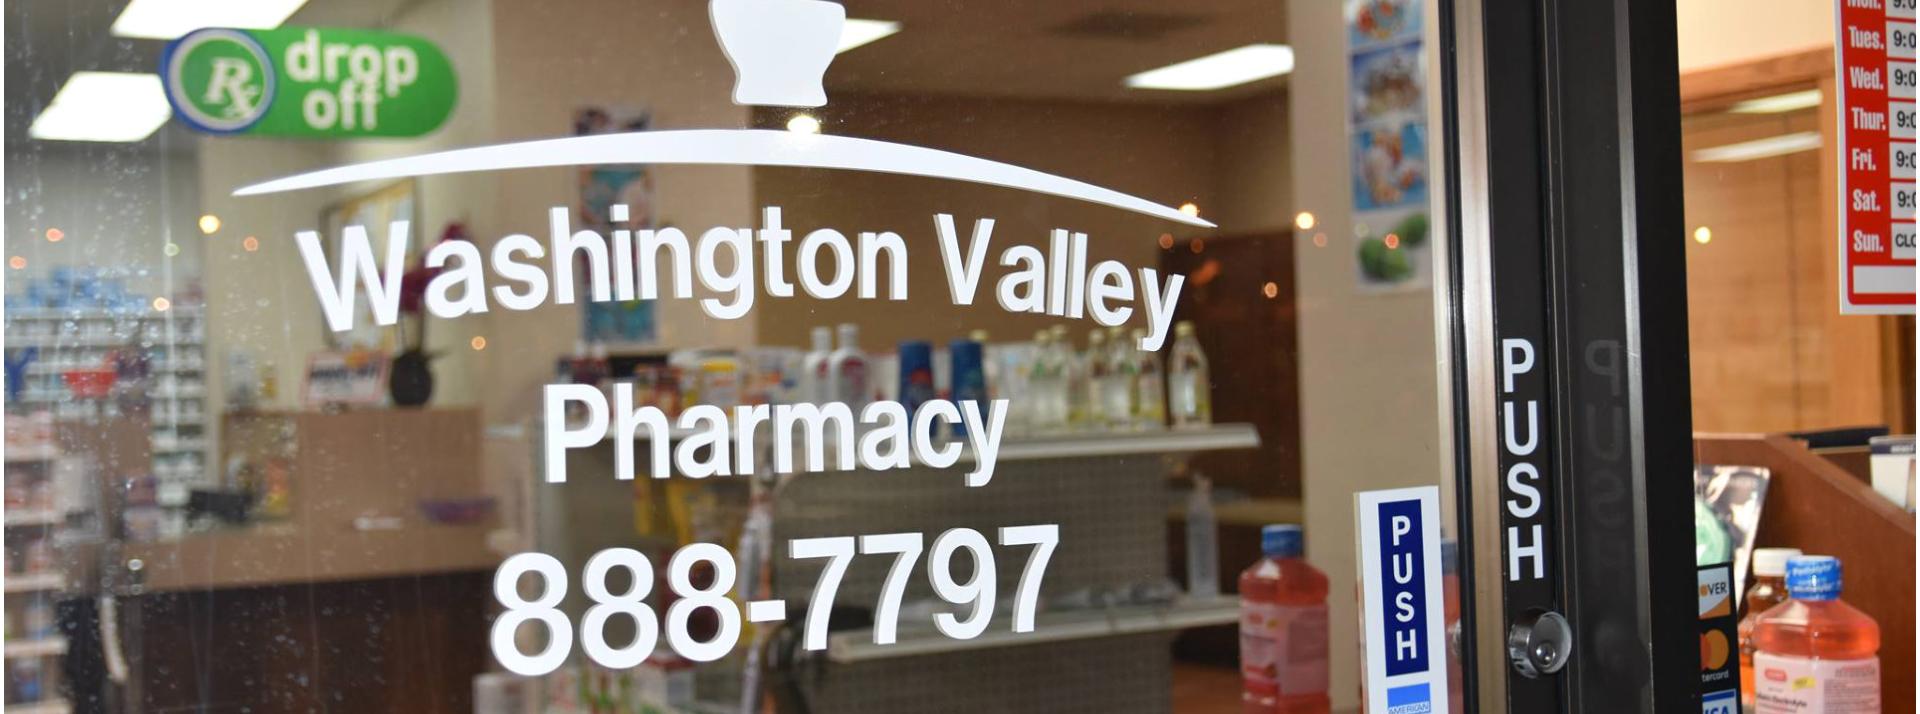 washington valley pharmacy